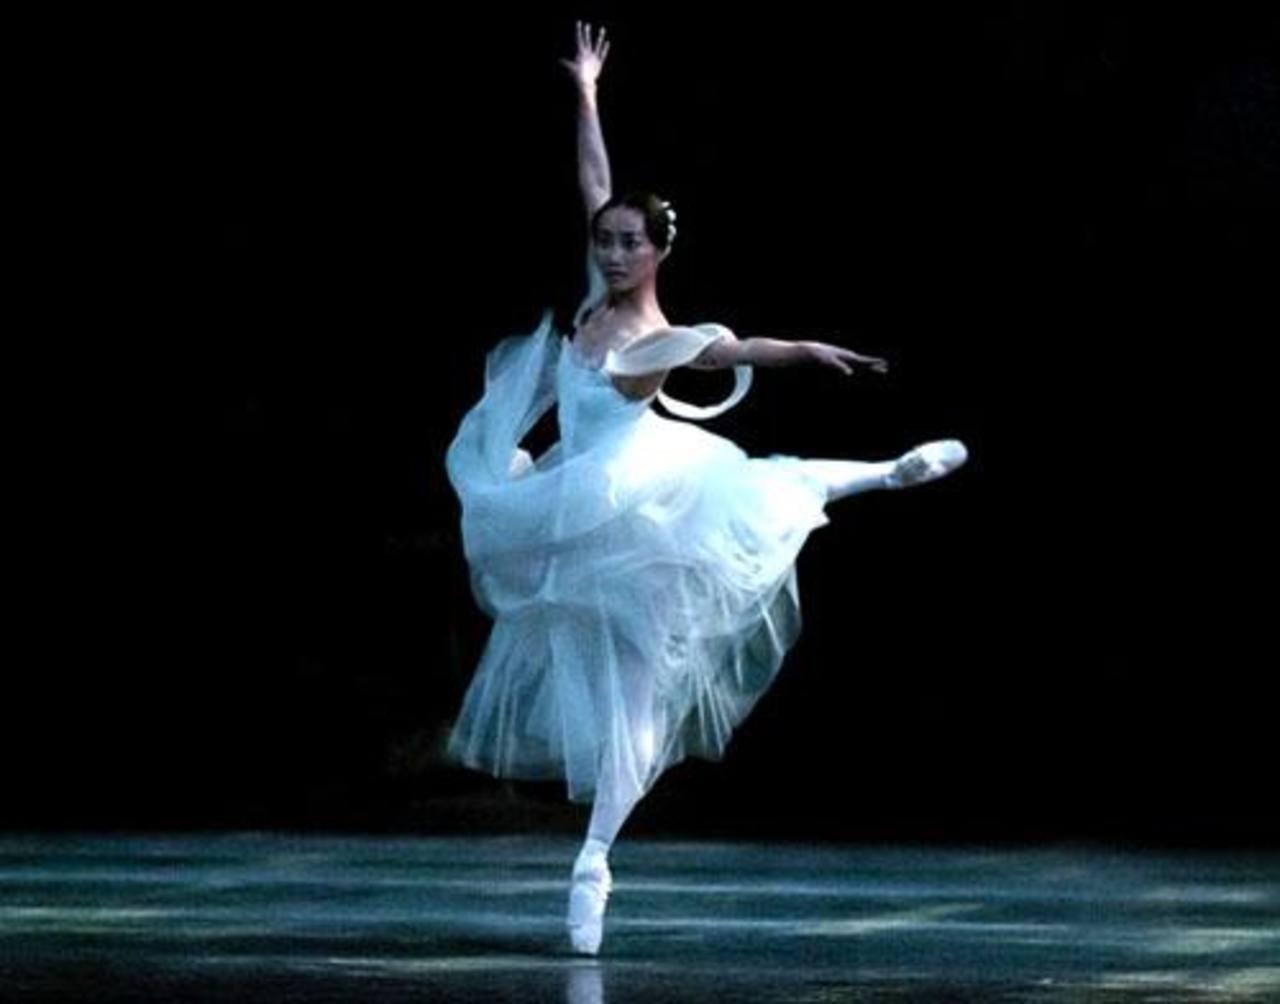 El ballet llega a la pantalla grande con Giselle